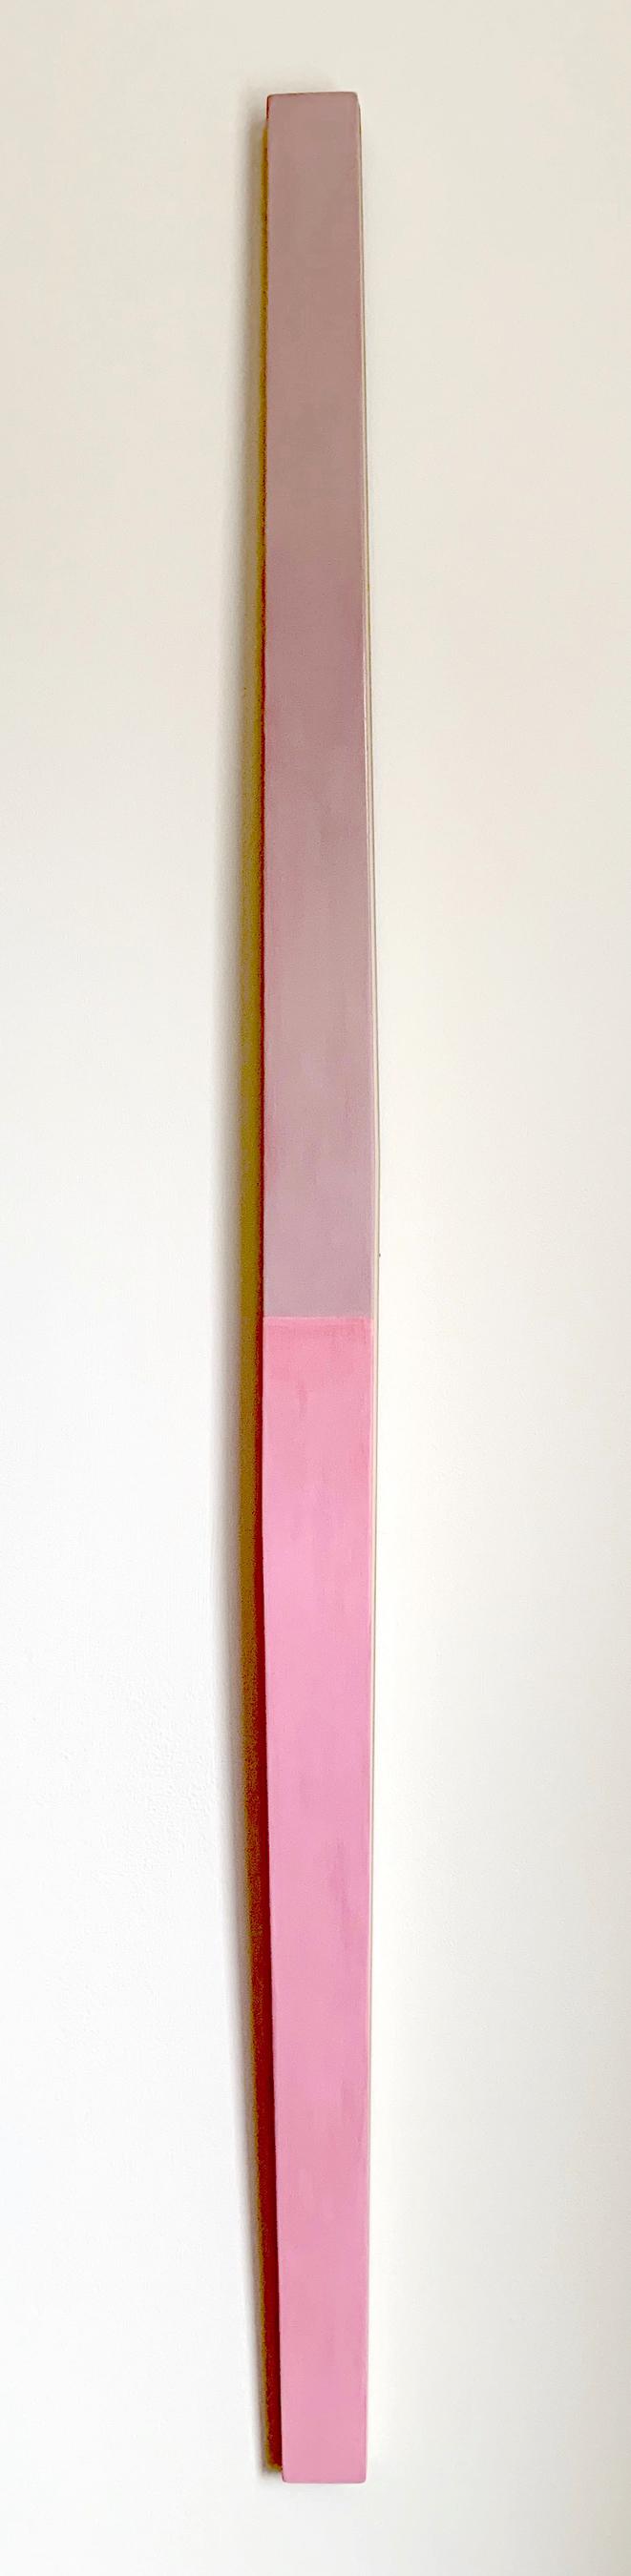 Illusion of Flight #1, 62.25 x 2.875 x 1.75 inches / 158 x 7.3 x 4.5 cm, acrylic on poplar, 2019